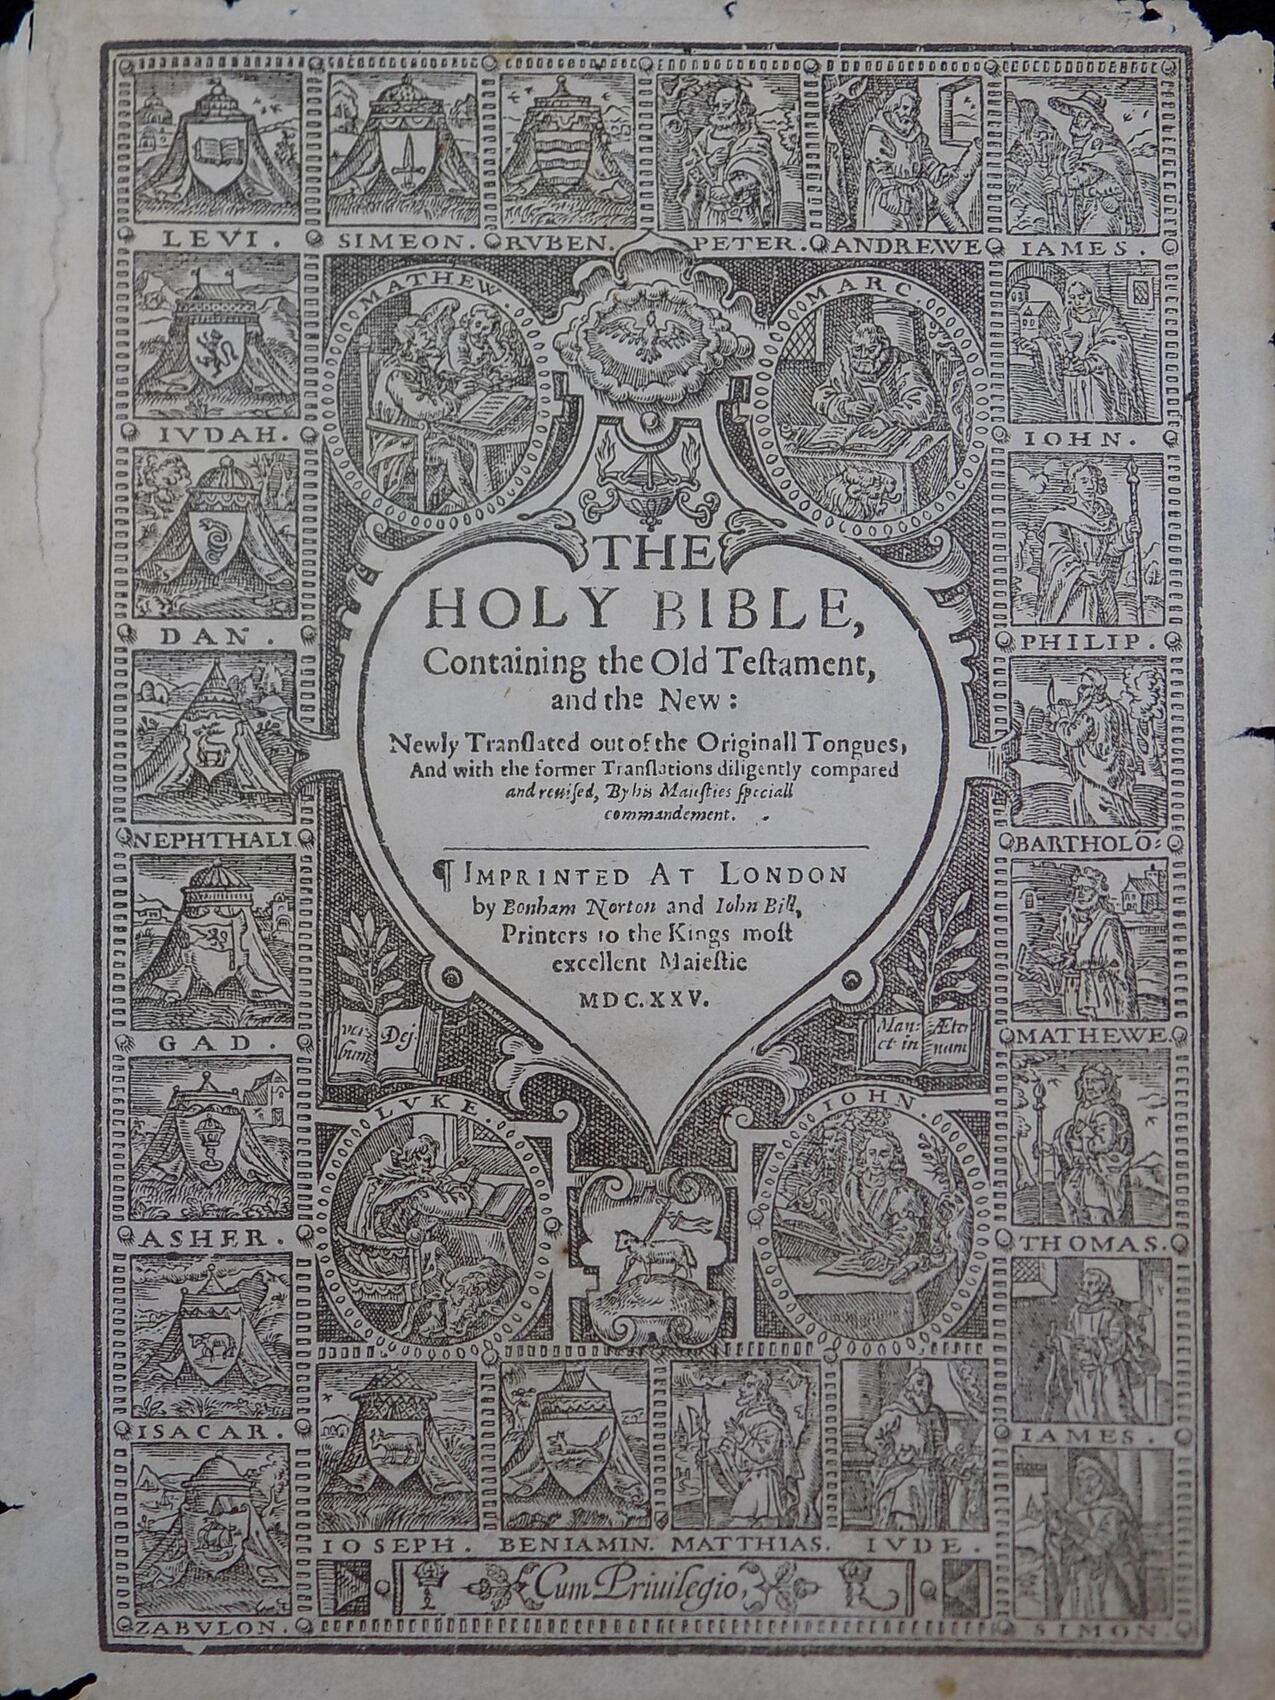 1625 KING JAMES BIBLE LEAF 316 ANTIQUE BIBLES